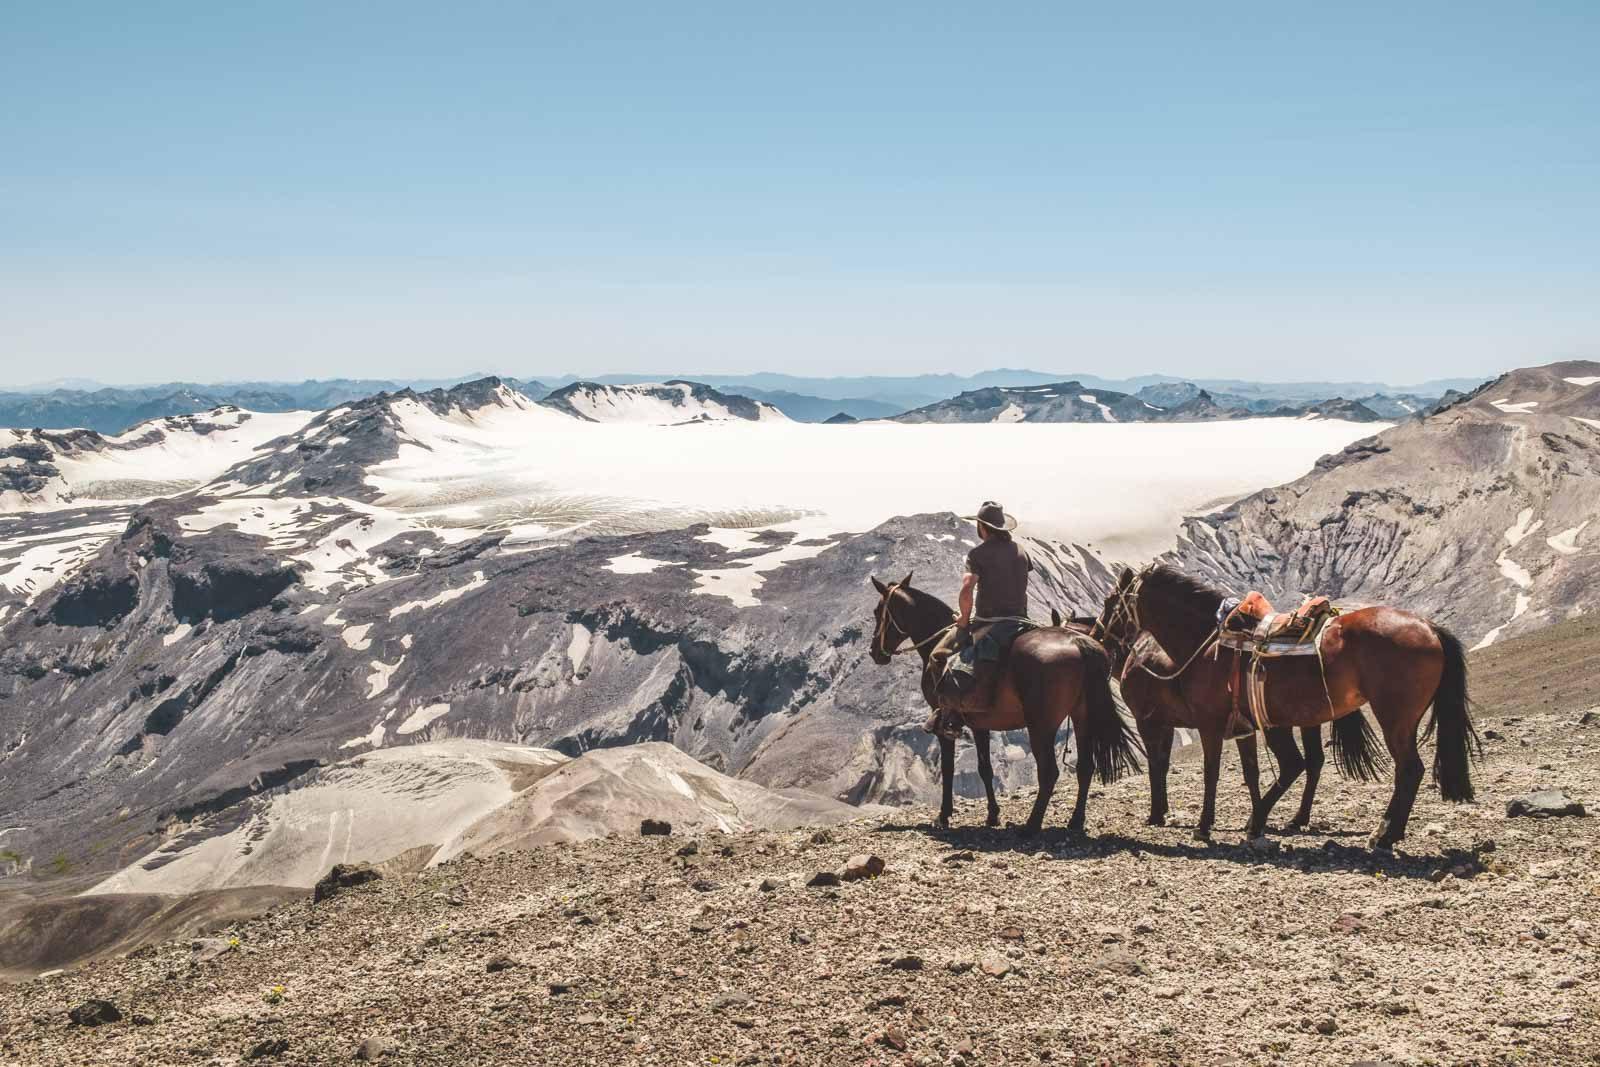 rancho-carhuello-horseback-riding-tour6-1